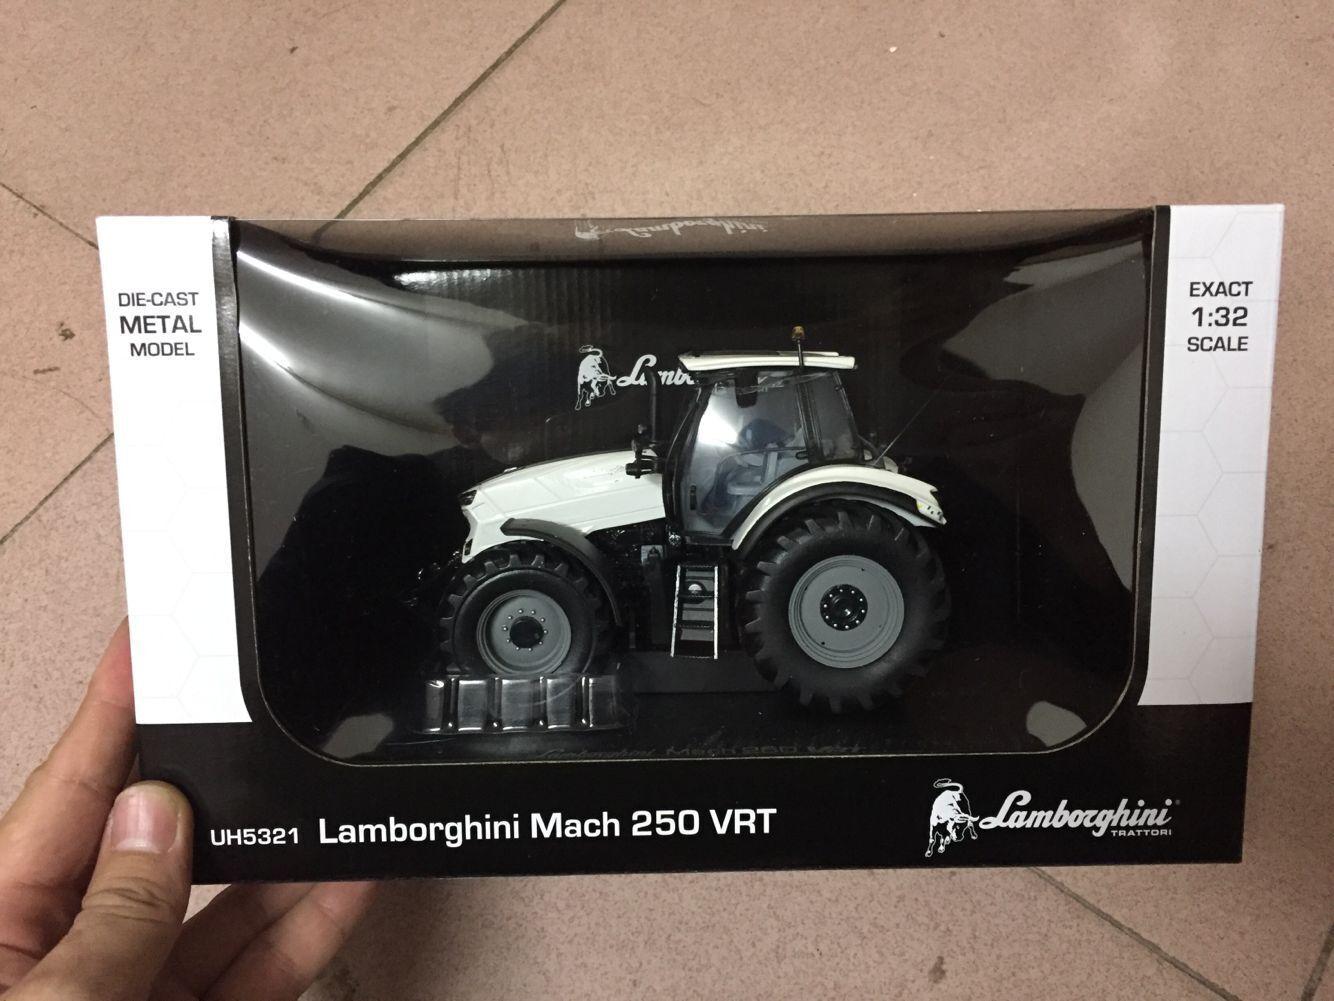 Universal Hobbies UH5321 Lamborghini Mach 250 VRT tracteur échelle 1 32 en Métal Modèle